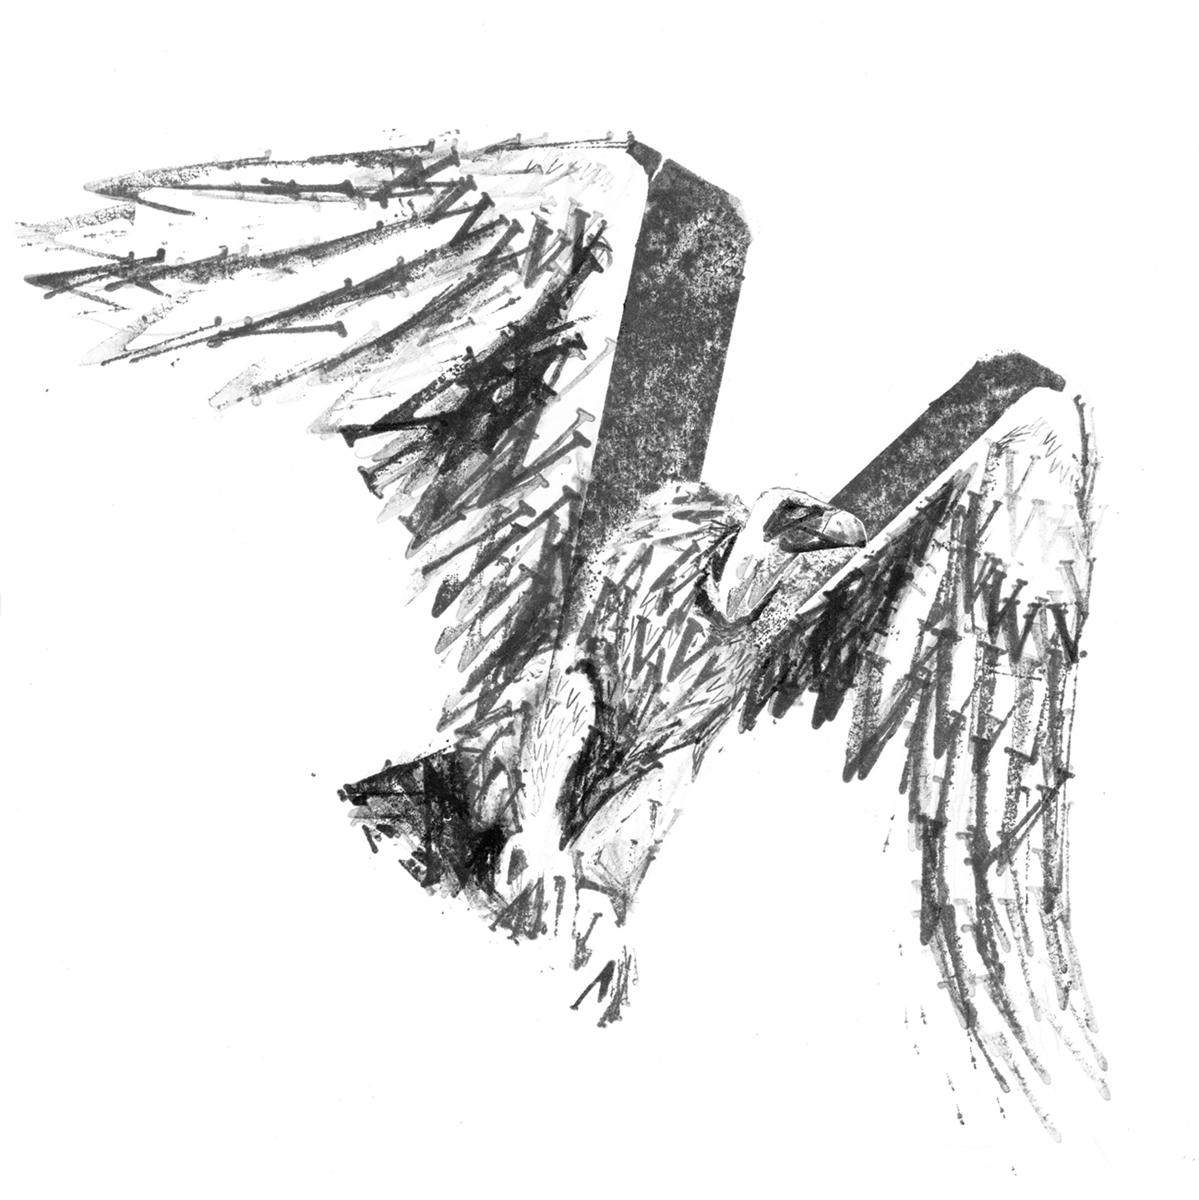 Vulture illustration, letter V stamps